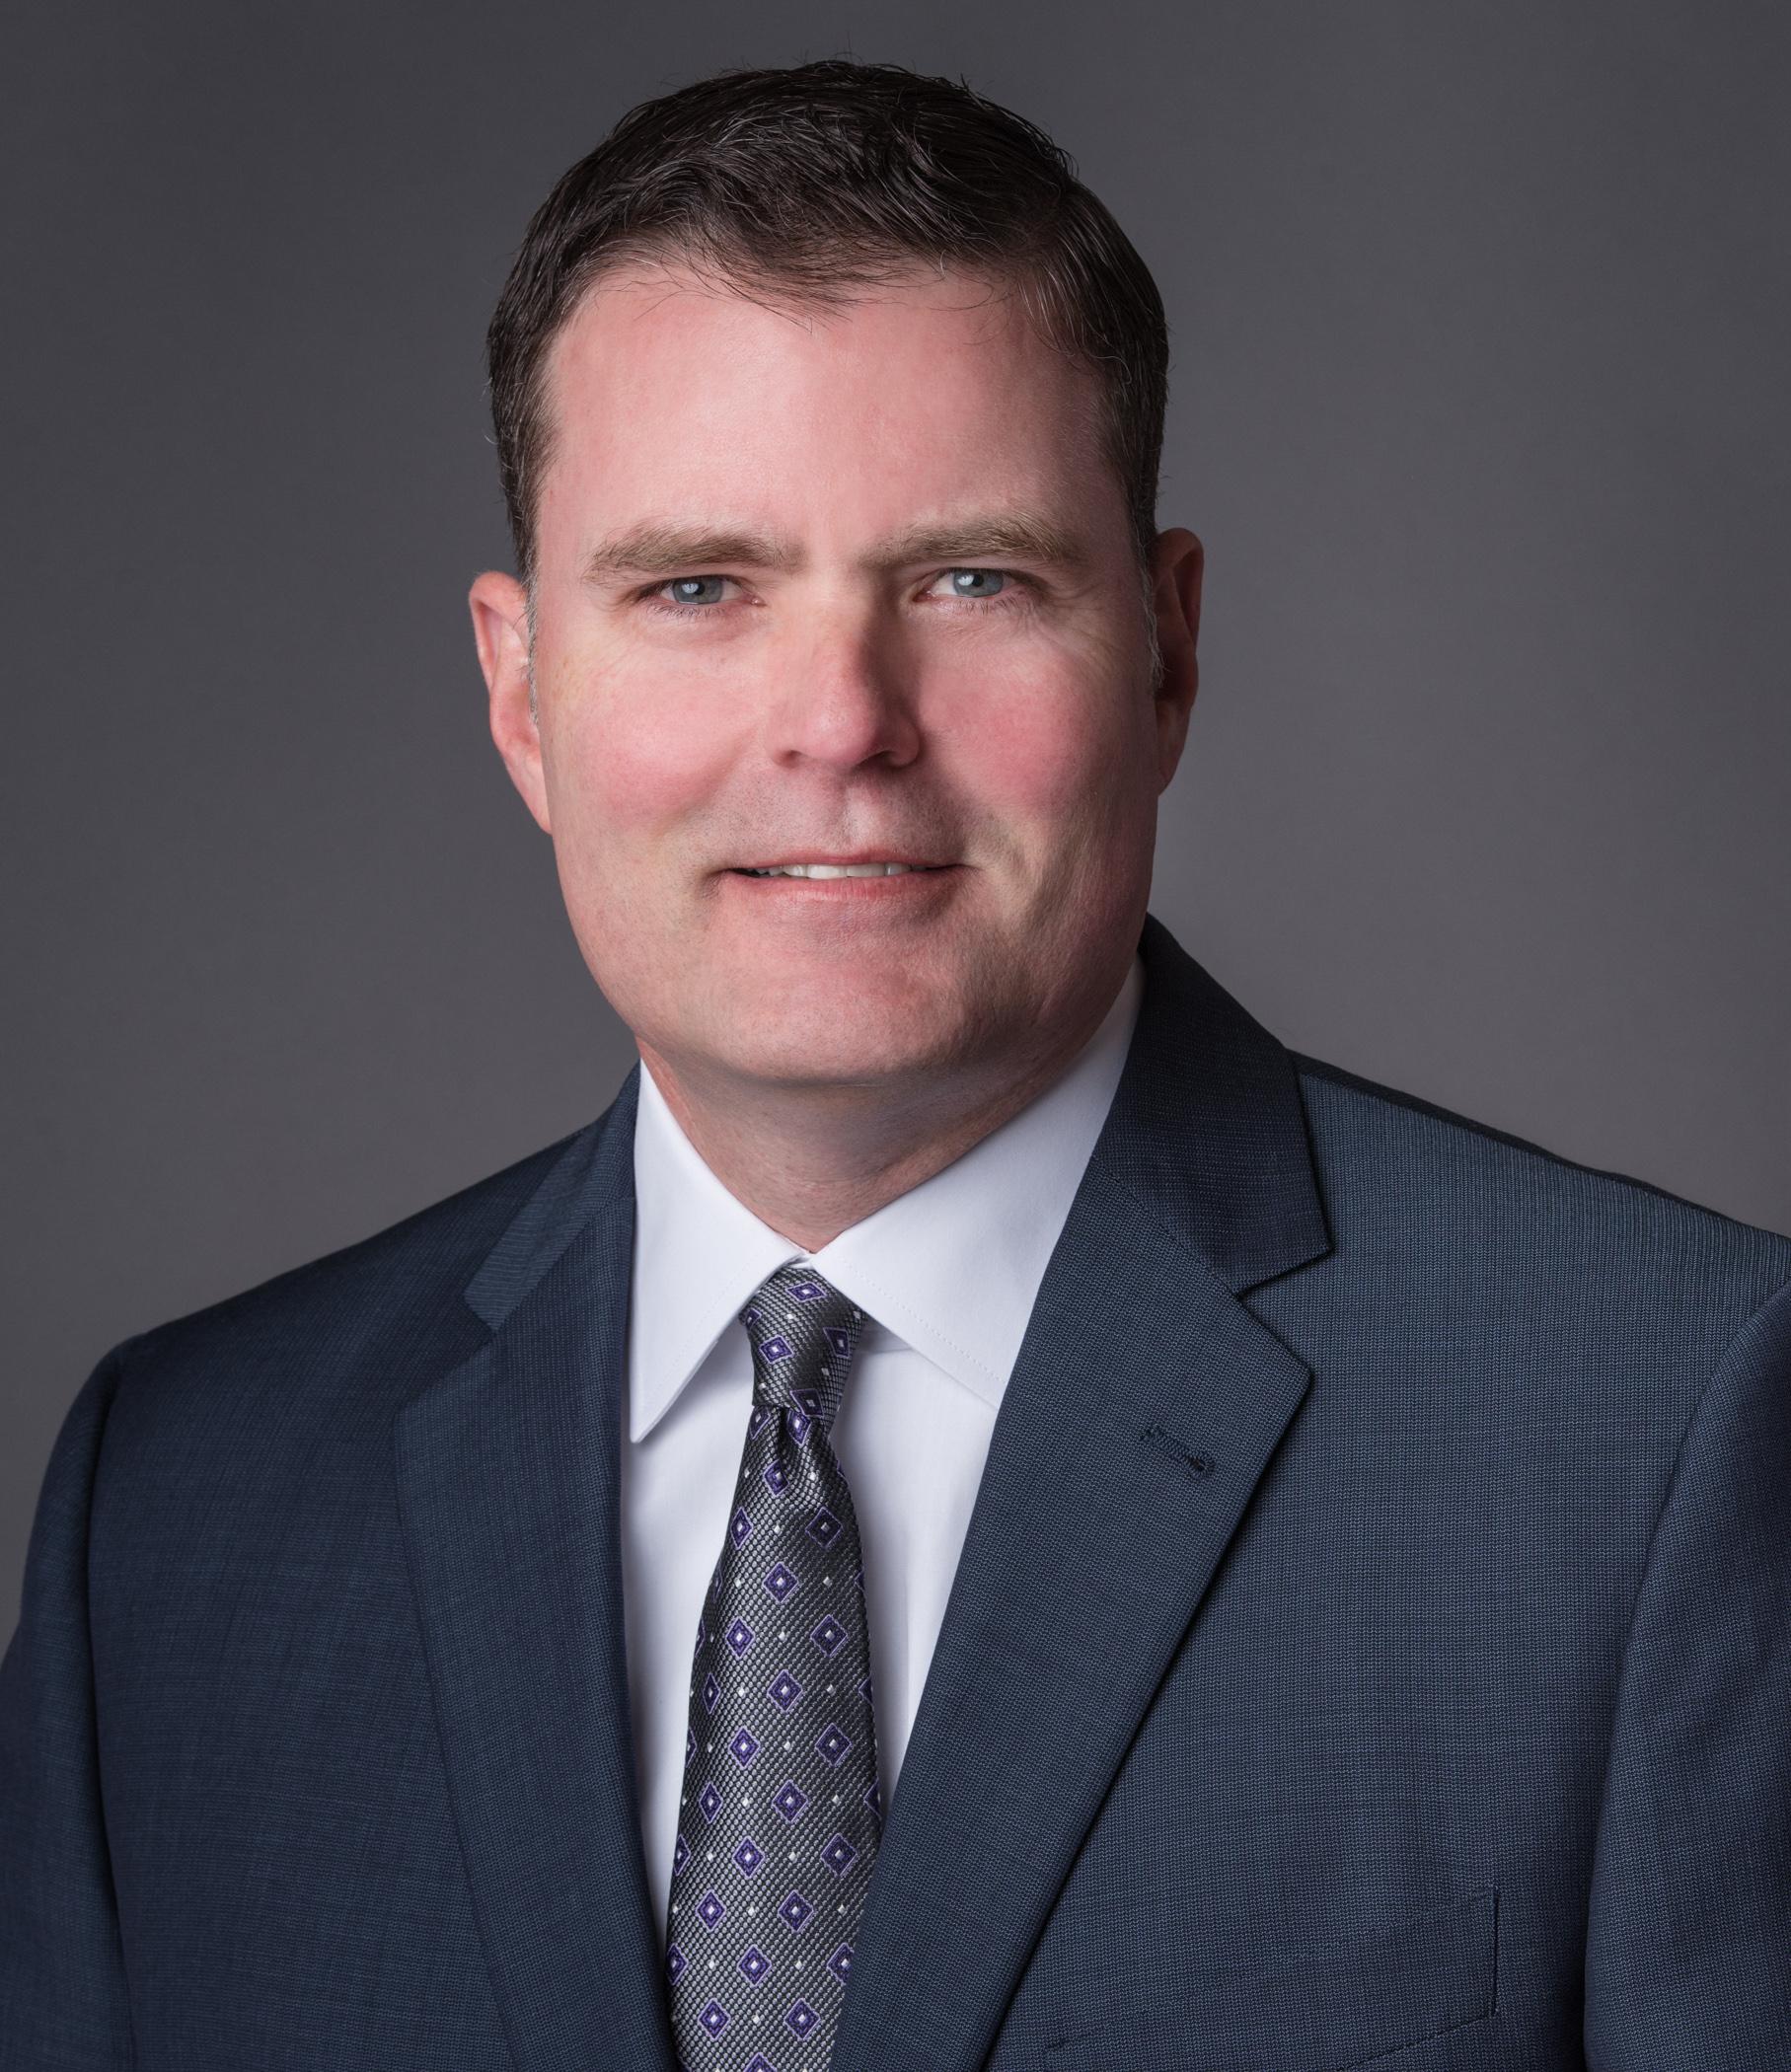 Randy Eifert